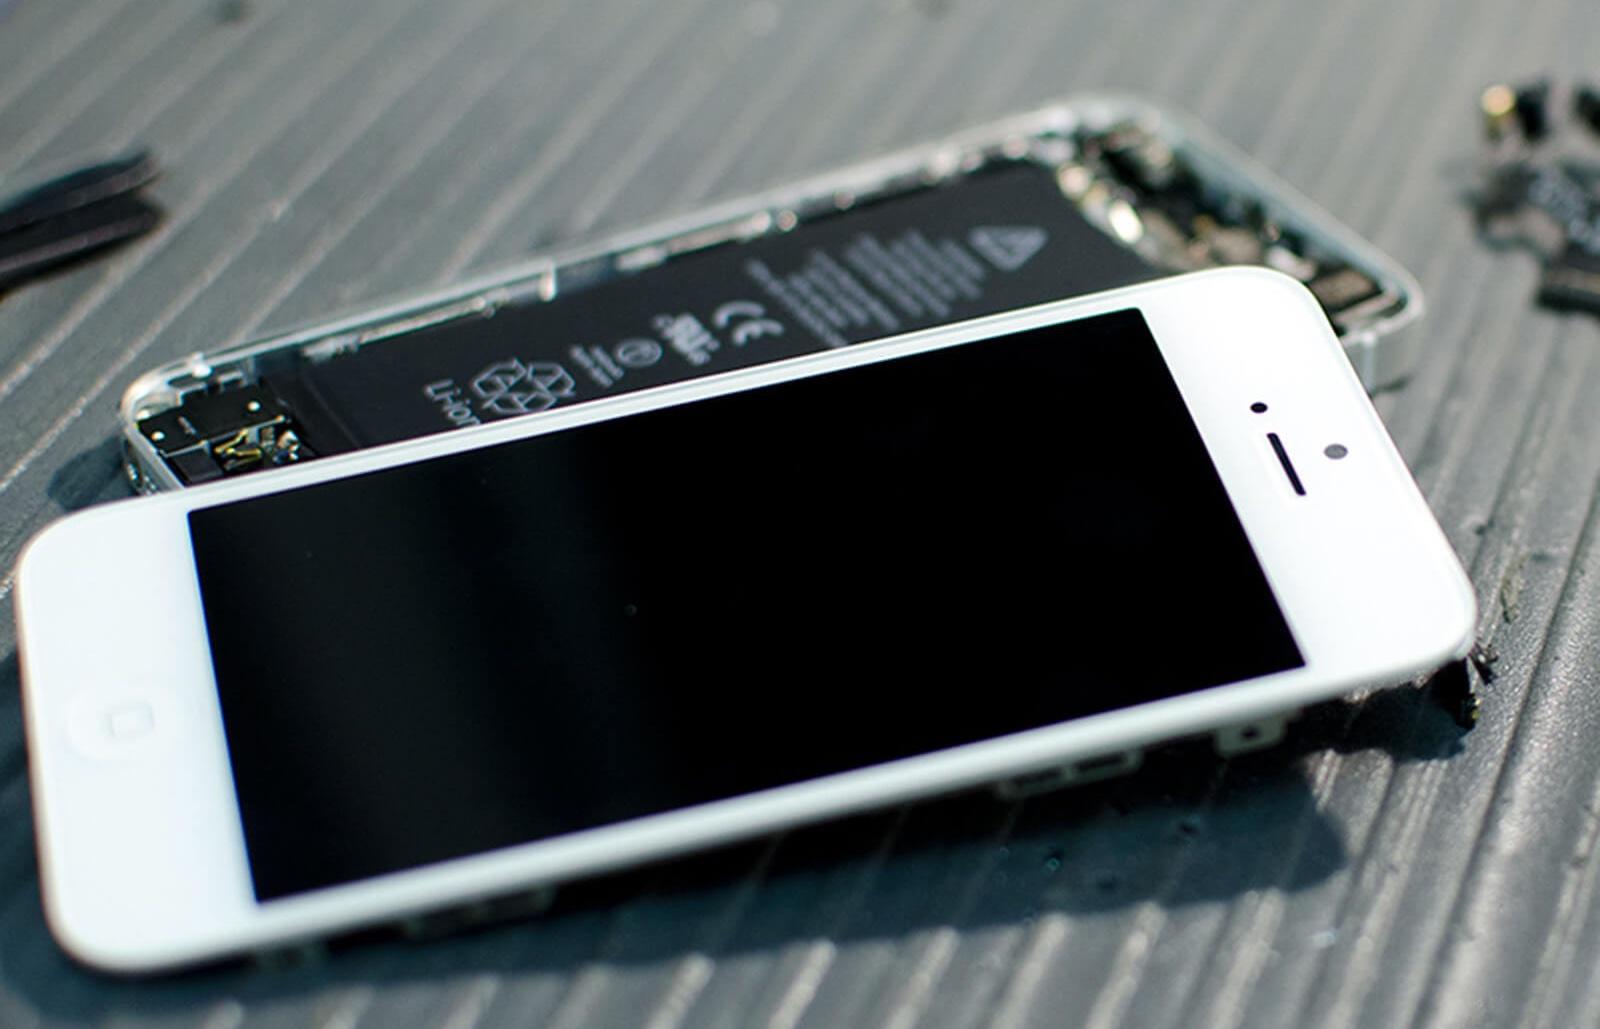 Причины_затемнения_дисплея_iPhone_и_как_это_устранить